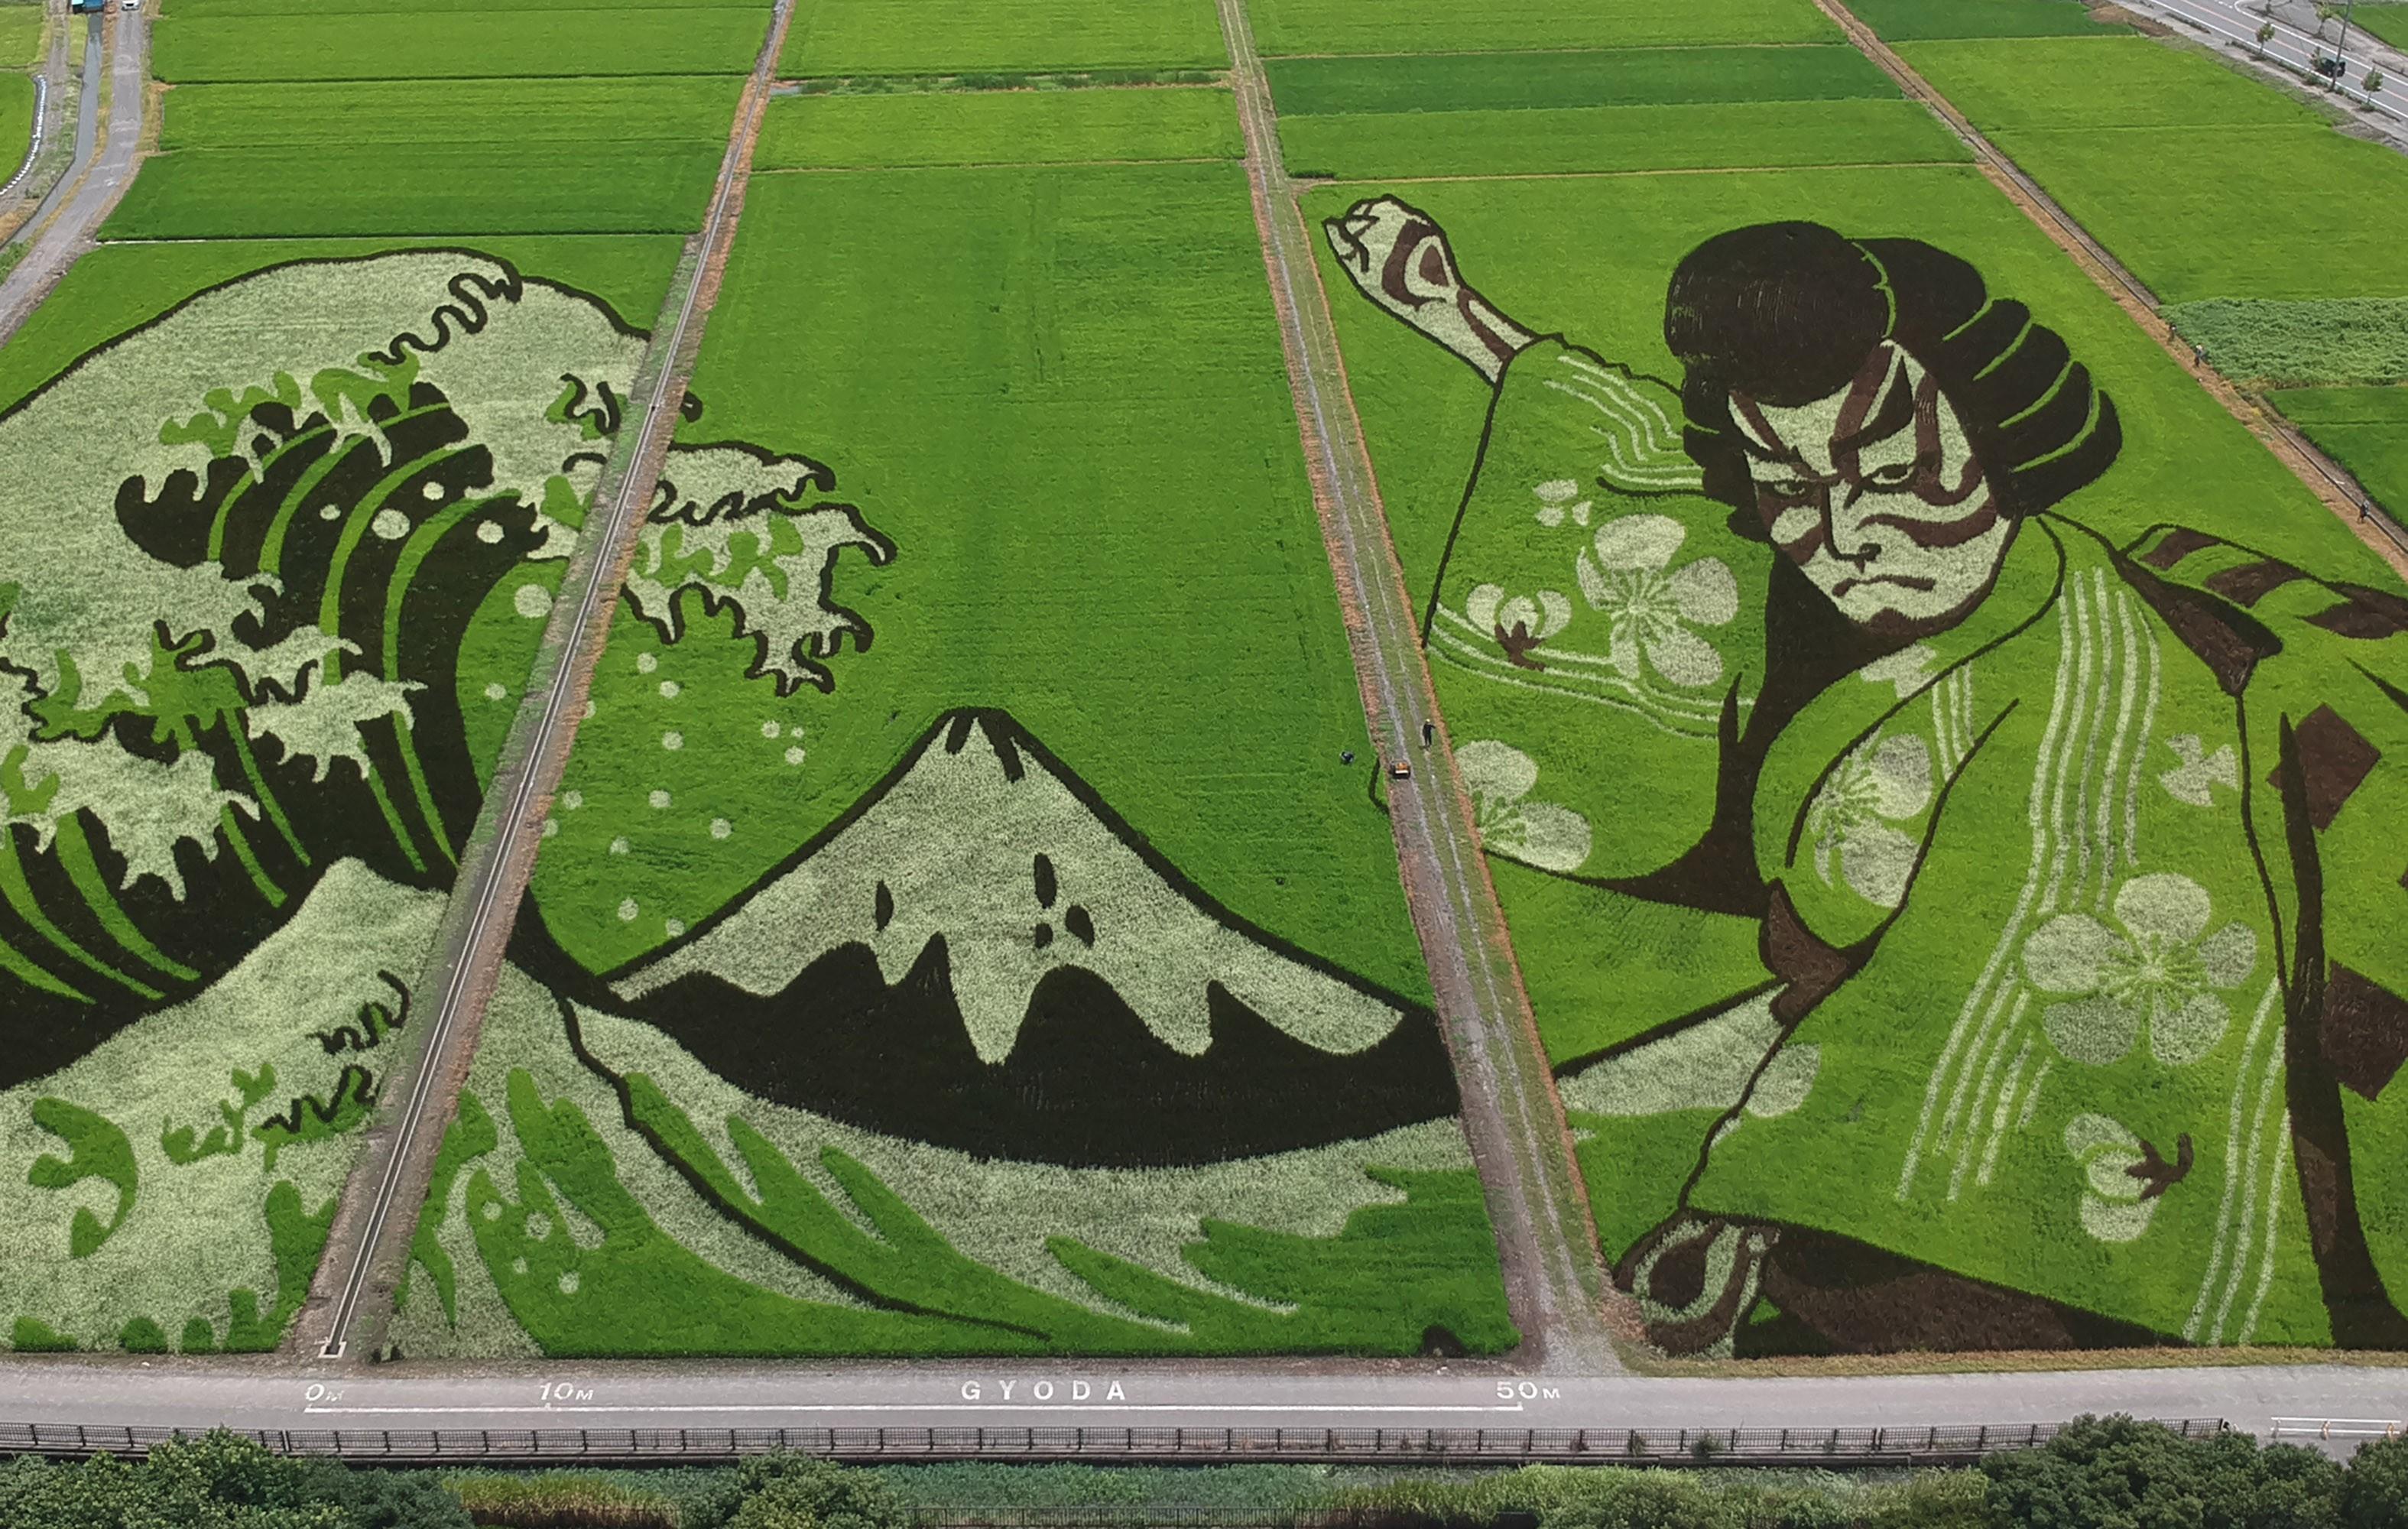 Obra de arte em campo de arroz no Japão celebra Jogos Olímpicos de Tóquio